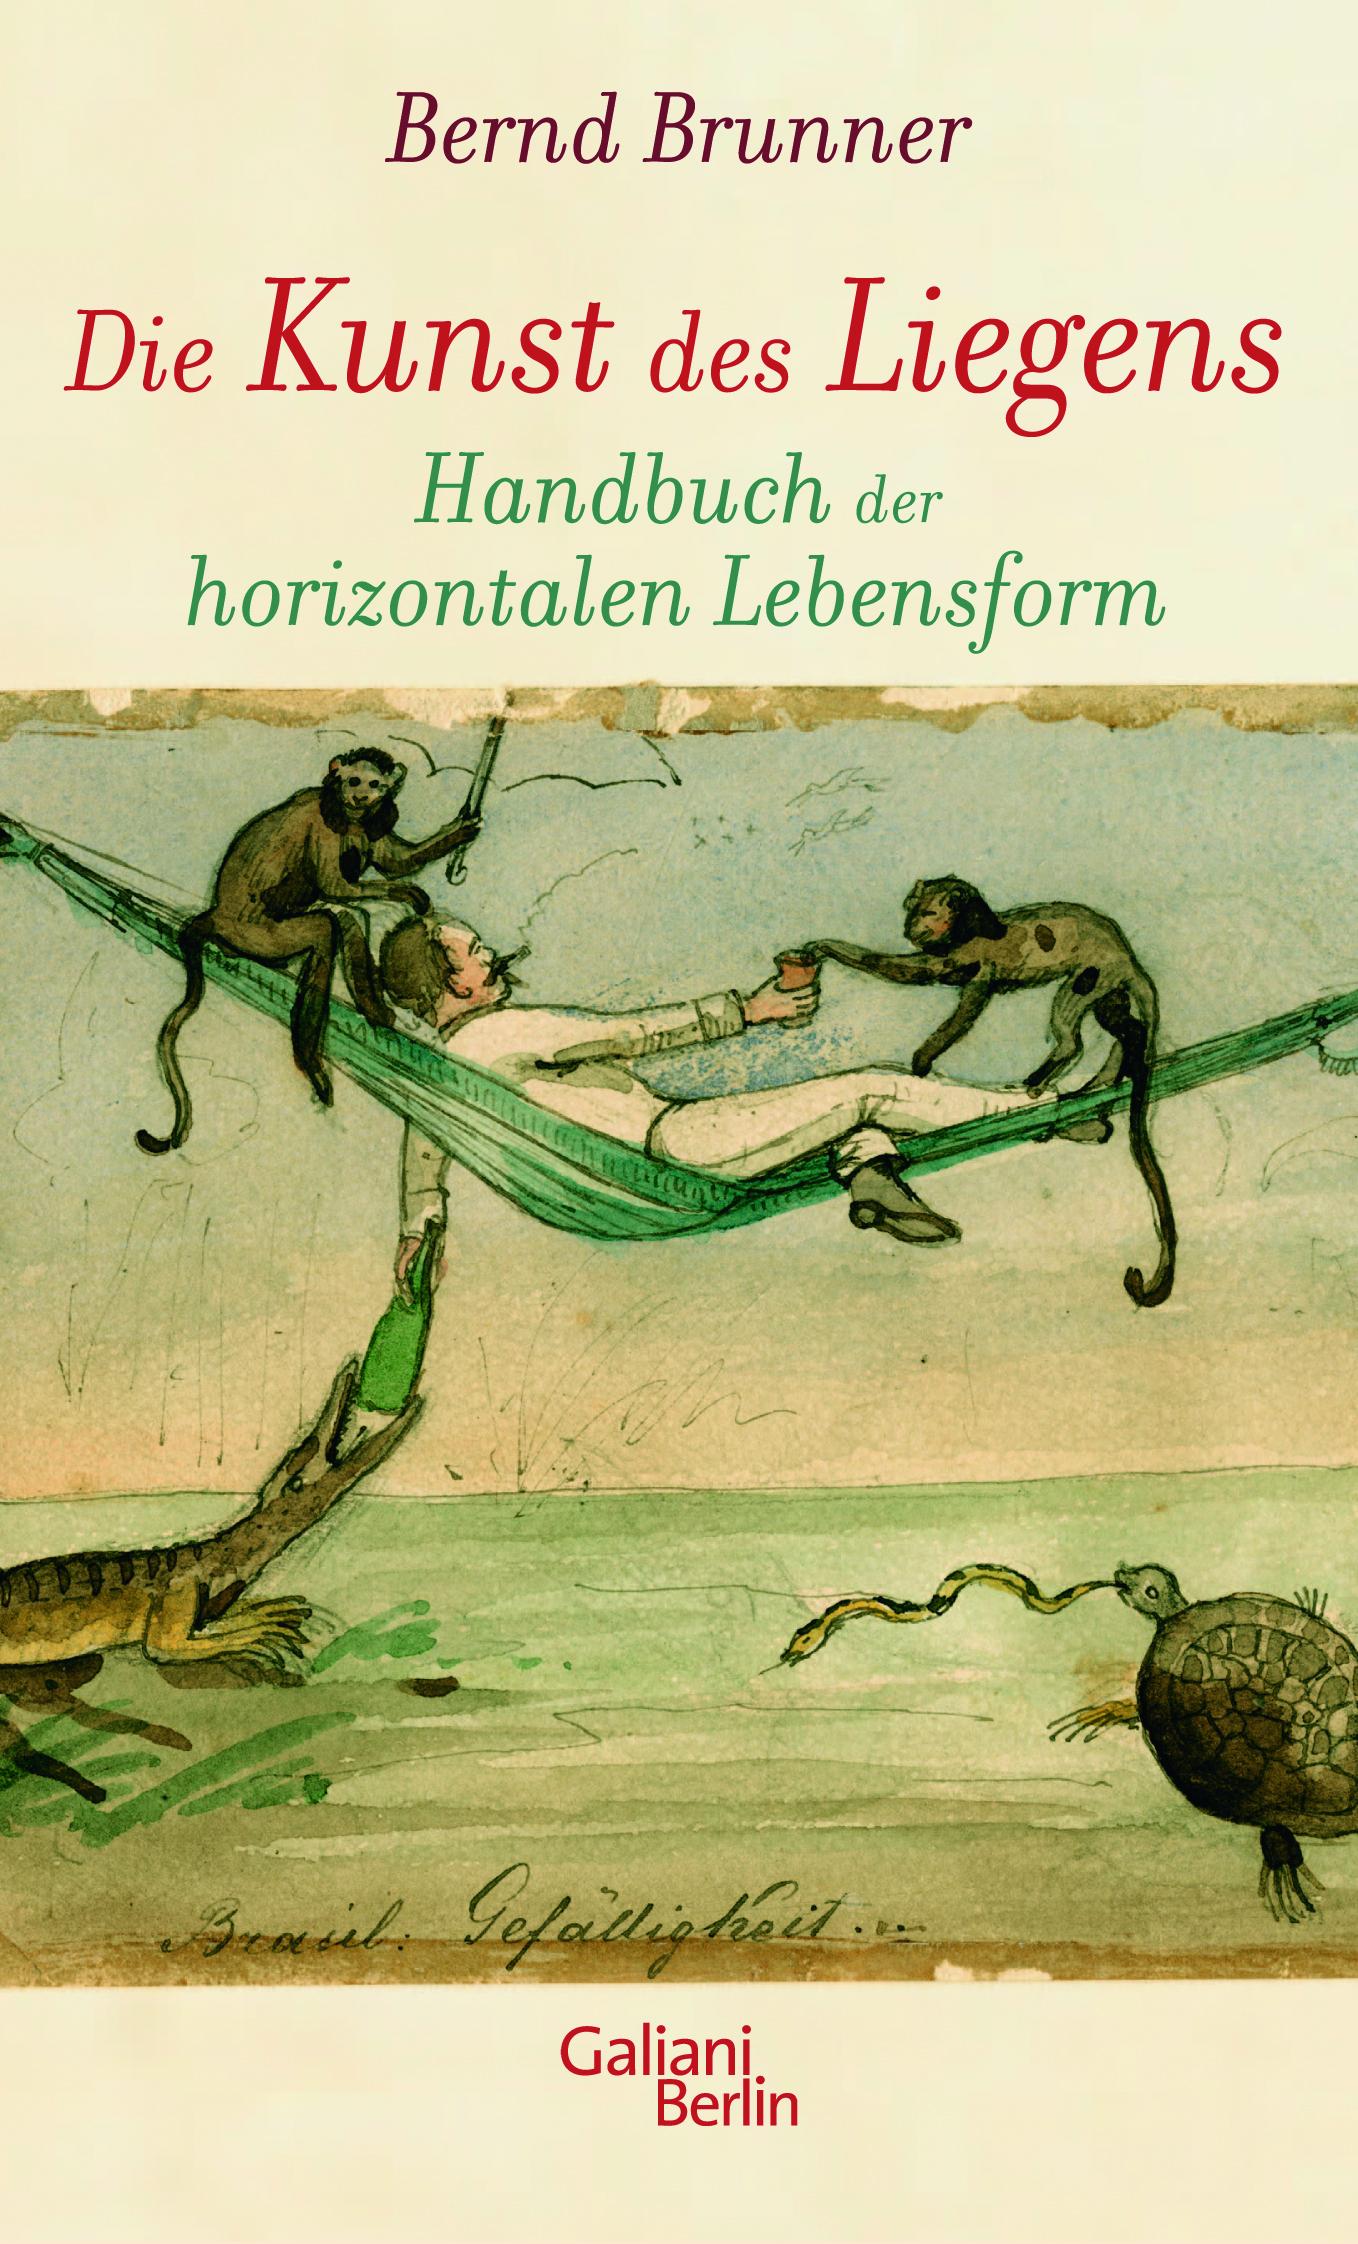 Brunner Liegen Ende.indd